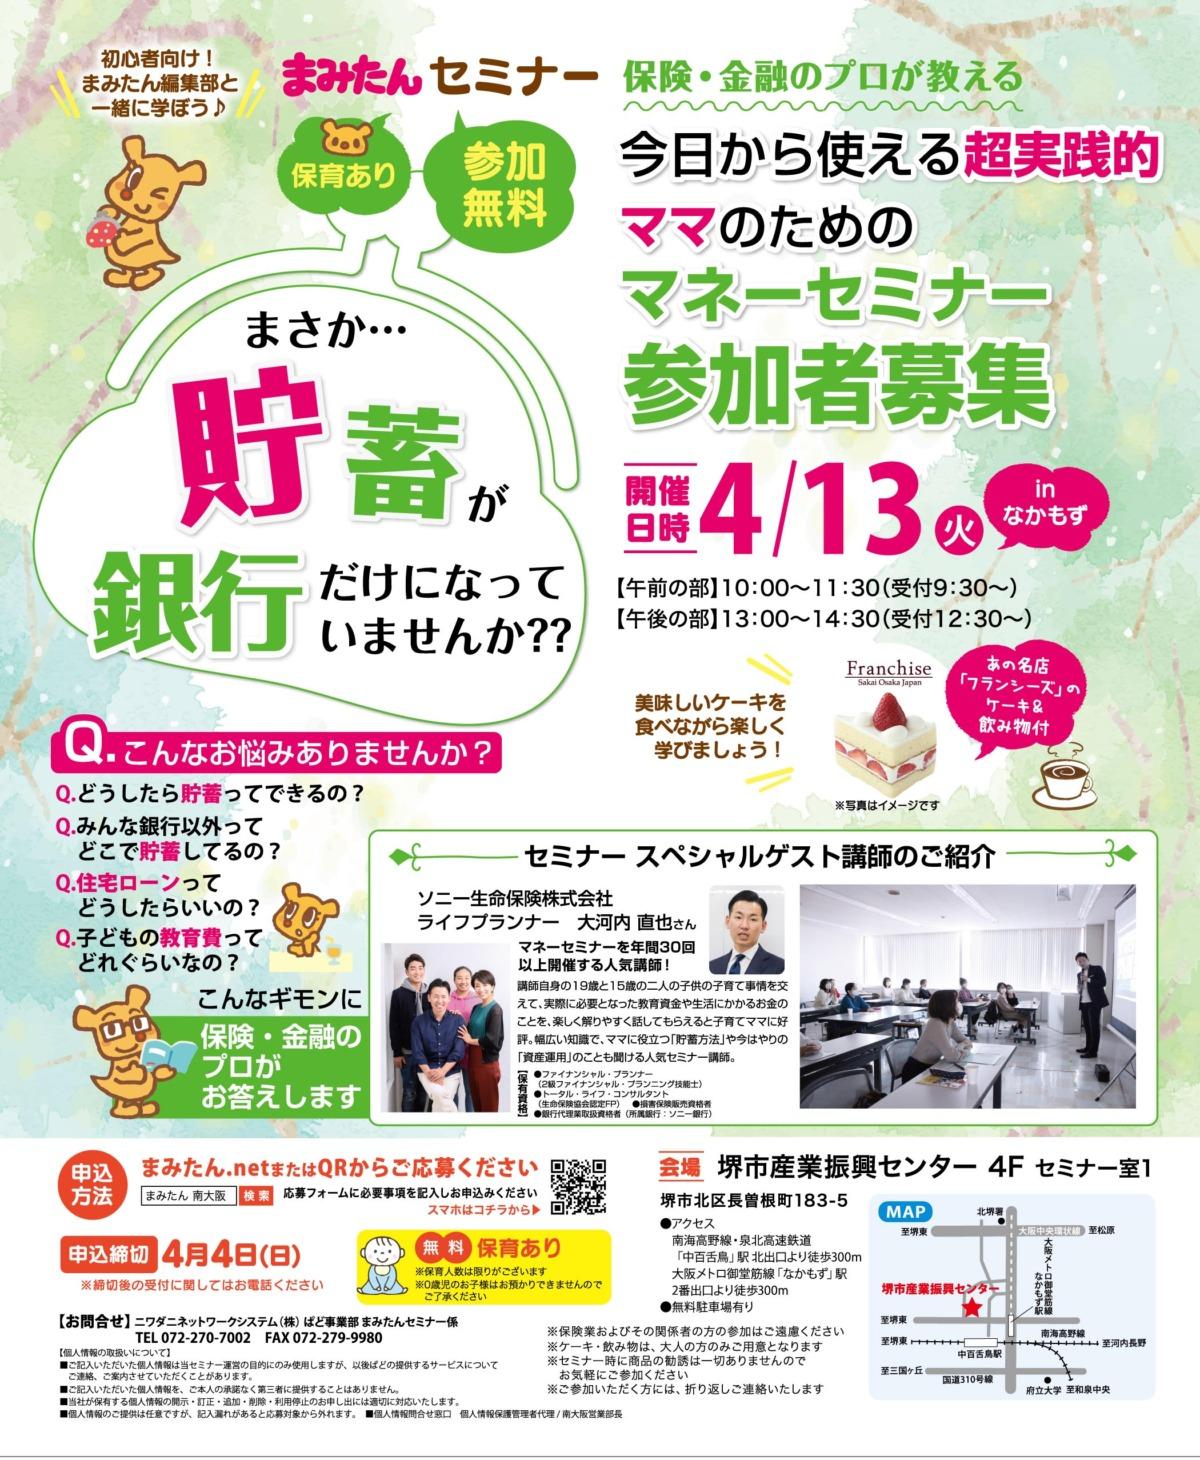 【イベント情報2021】堺市北区・4/13(火)『☆今日から使える超実践的!ママのための無料マネーセミナー!☆ケーキ&飲み物付』